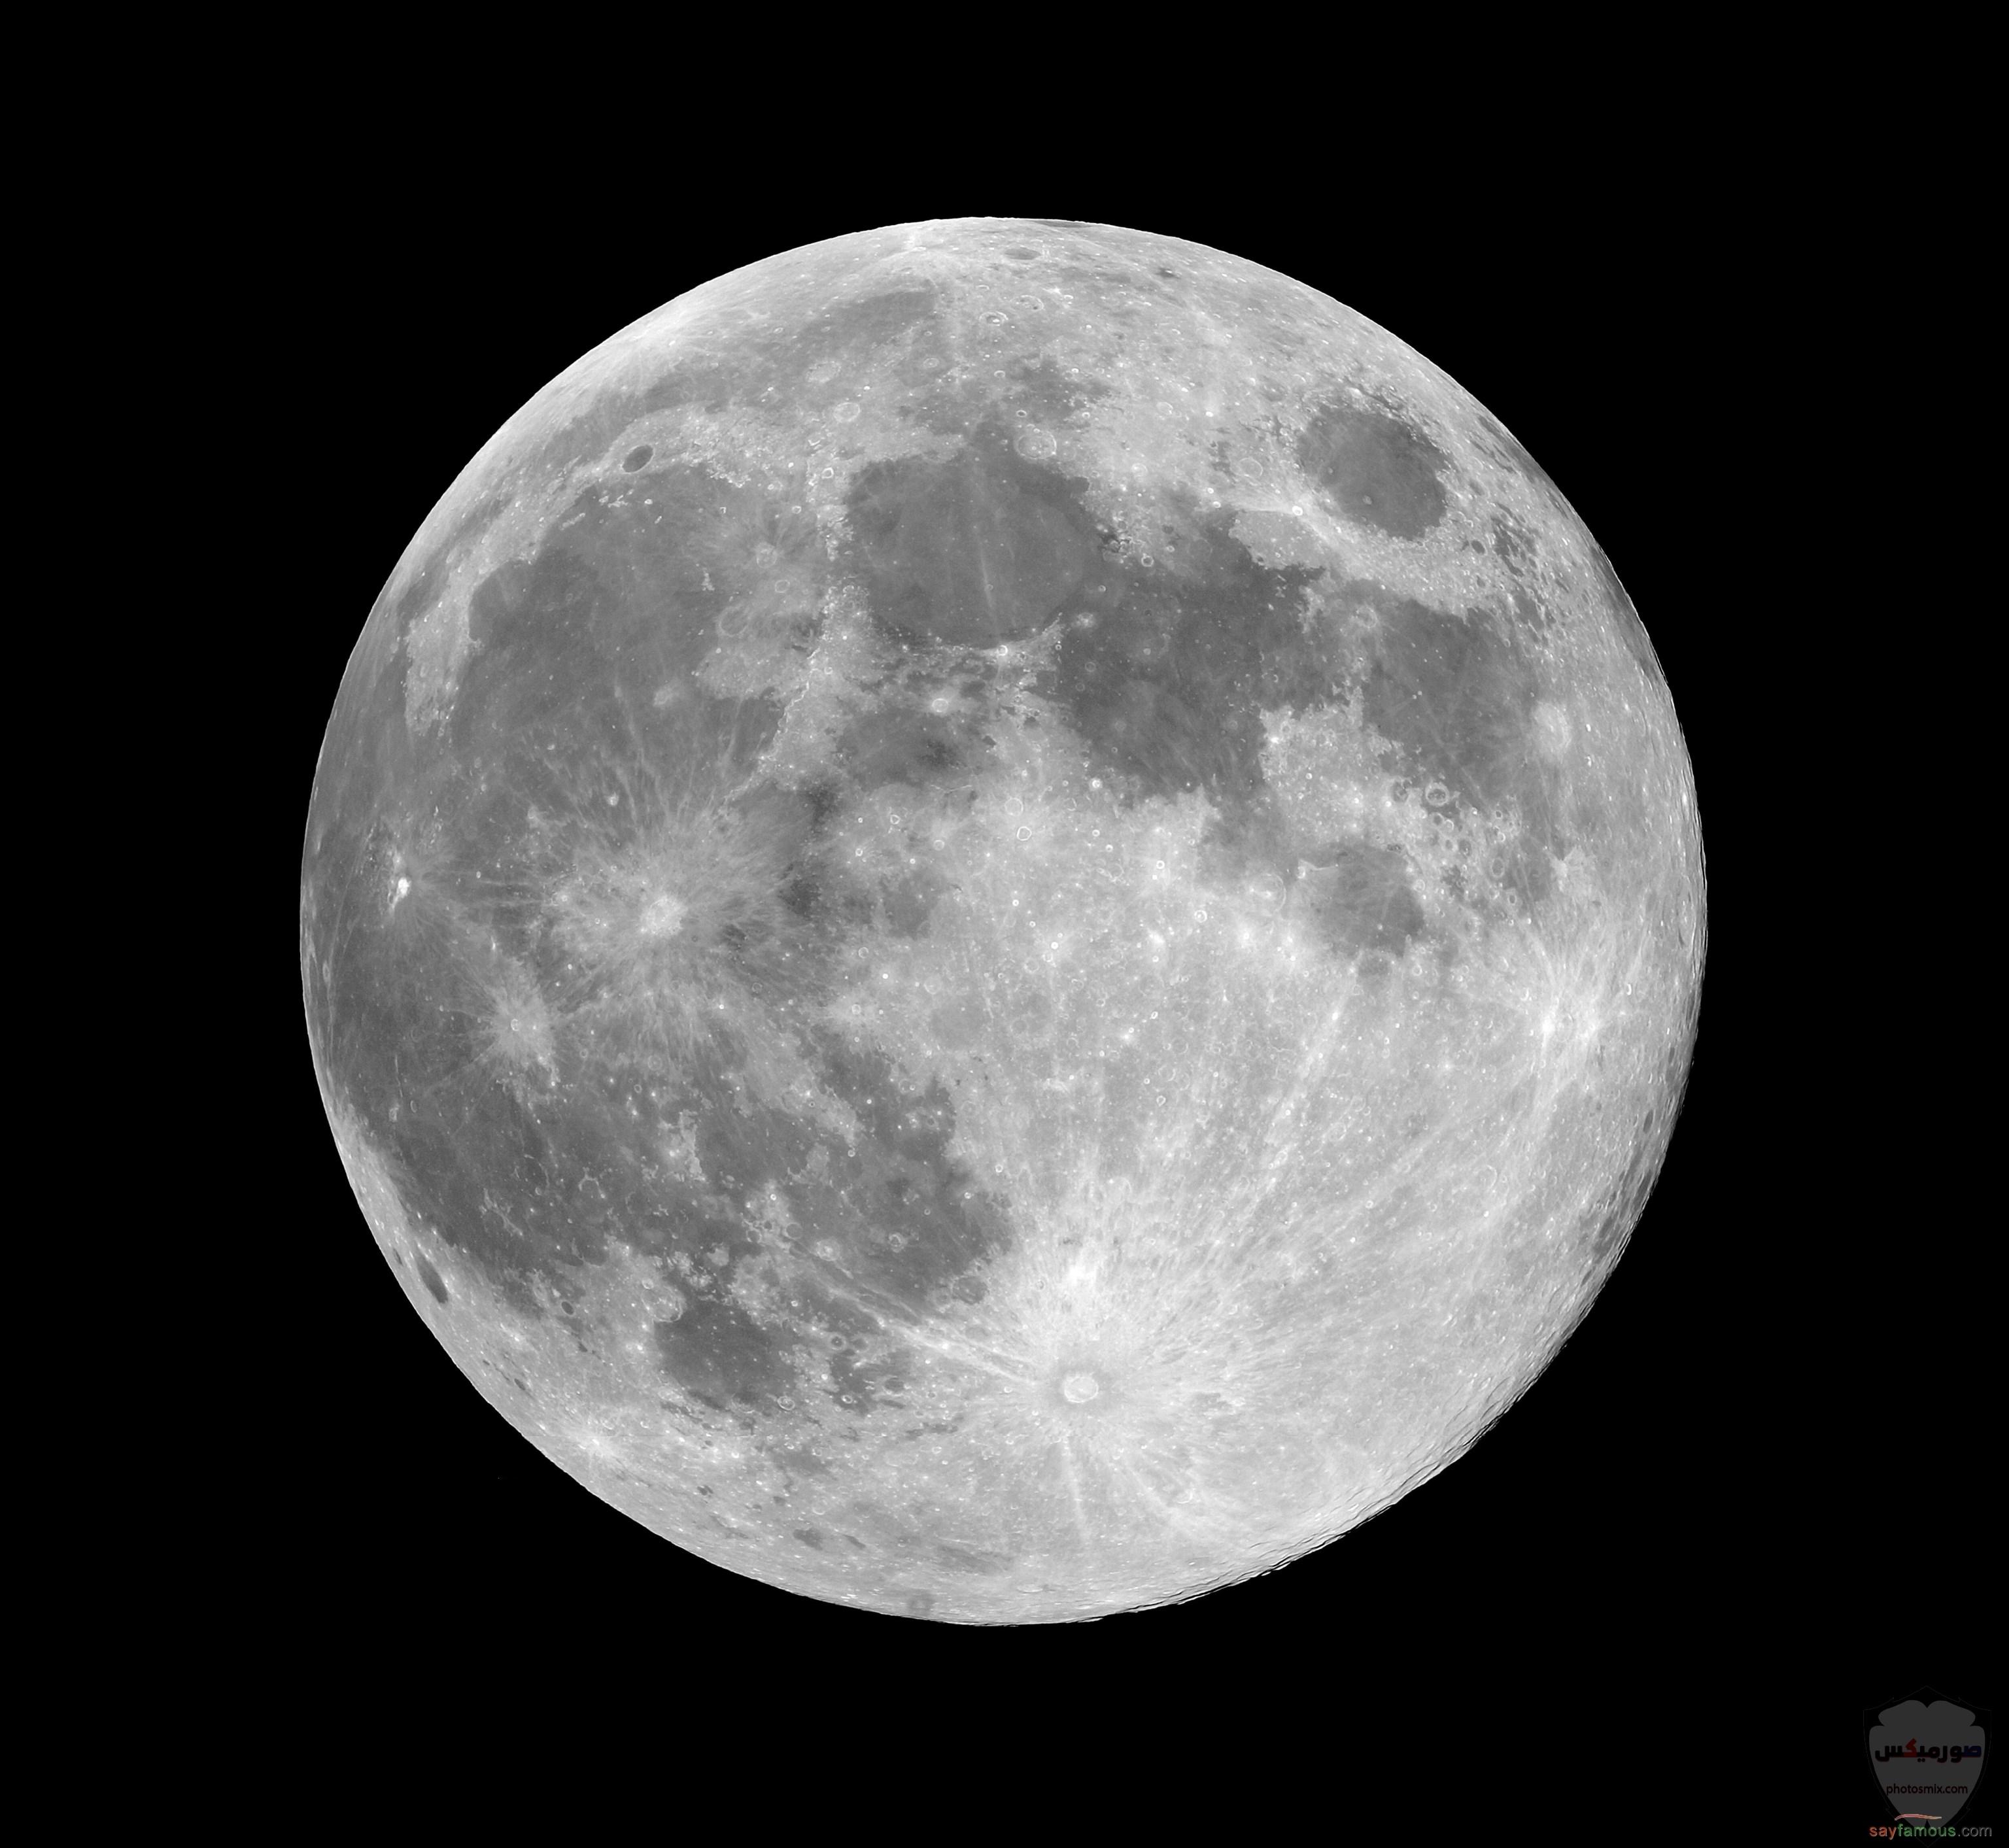 صور القمر والسماء والنجوم خلفيات للقمر والبدر والهلال عالية الجودة 12